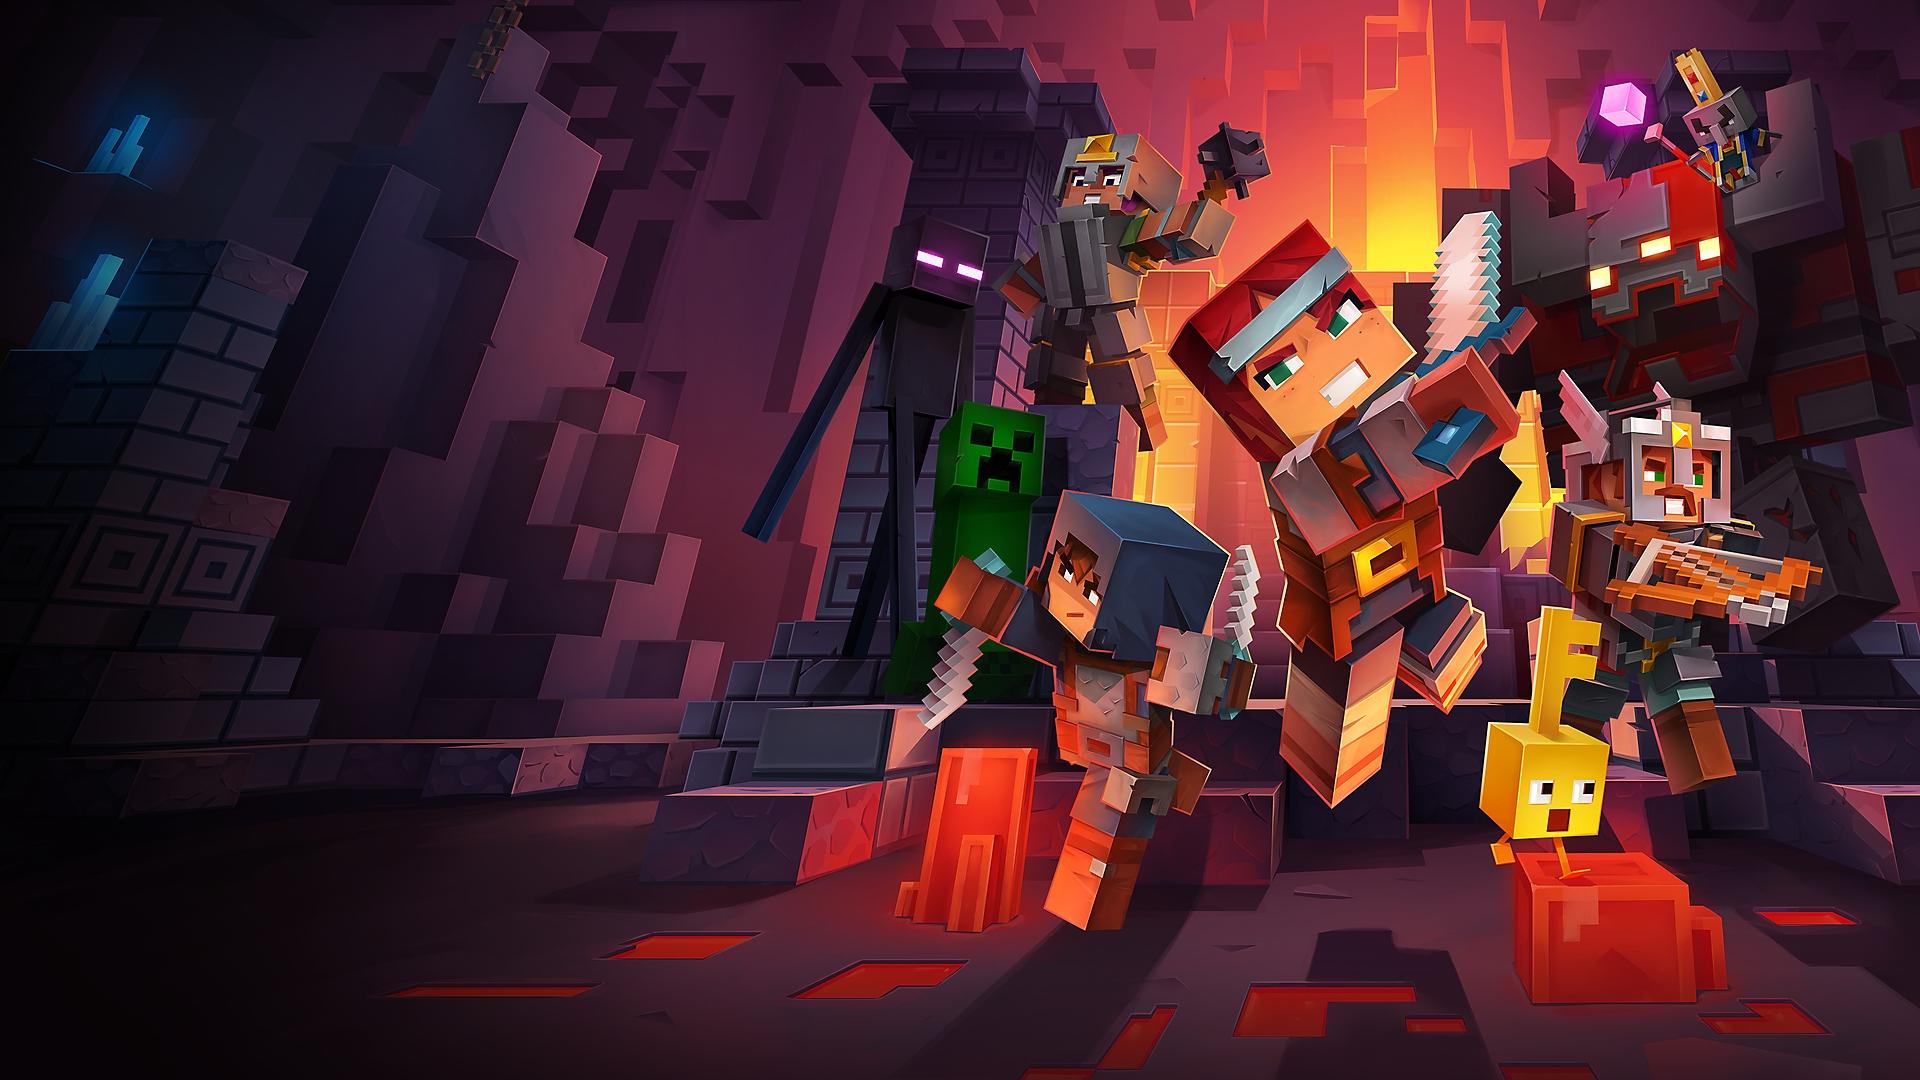 العرض التشويقي لتجربة لعب Minecraft Dungeons